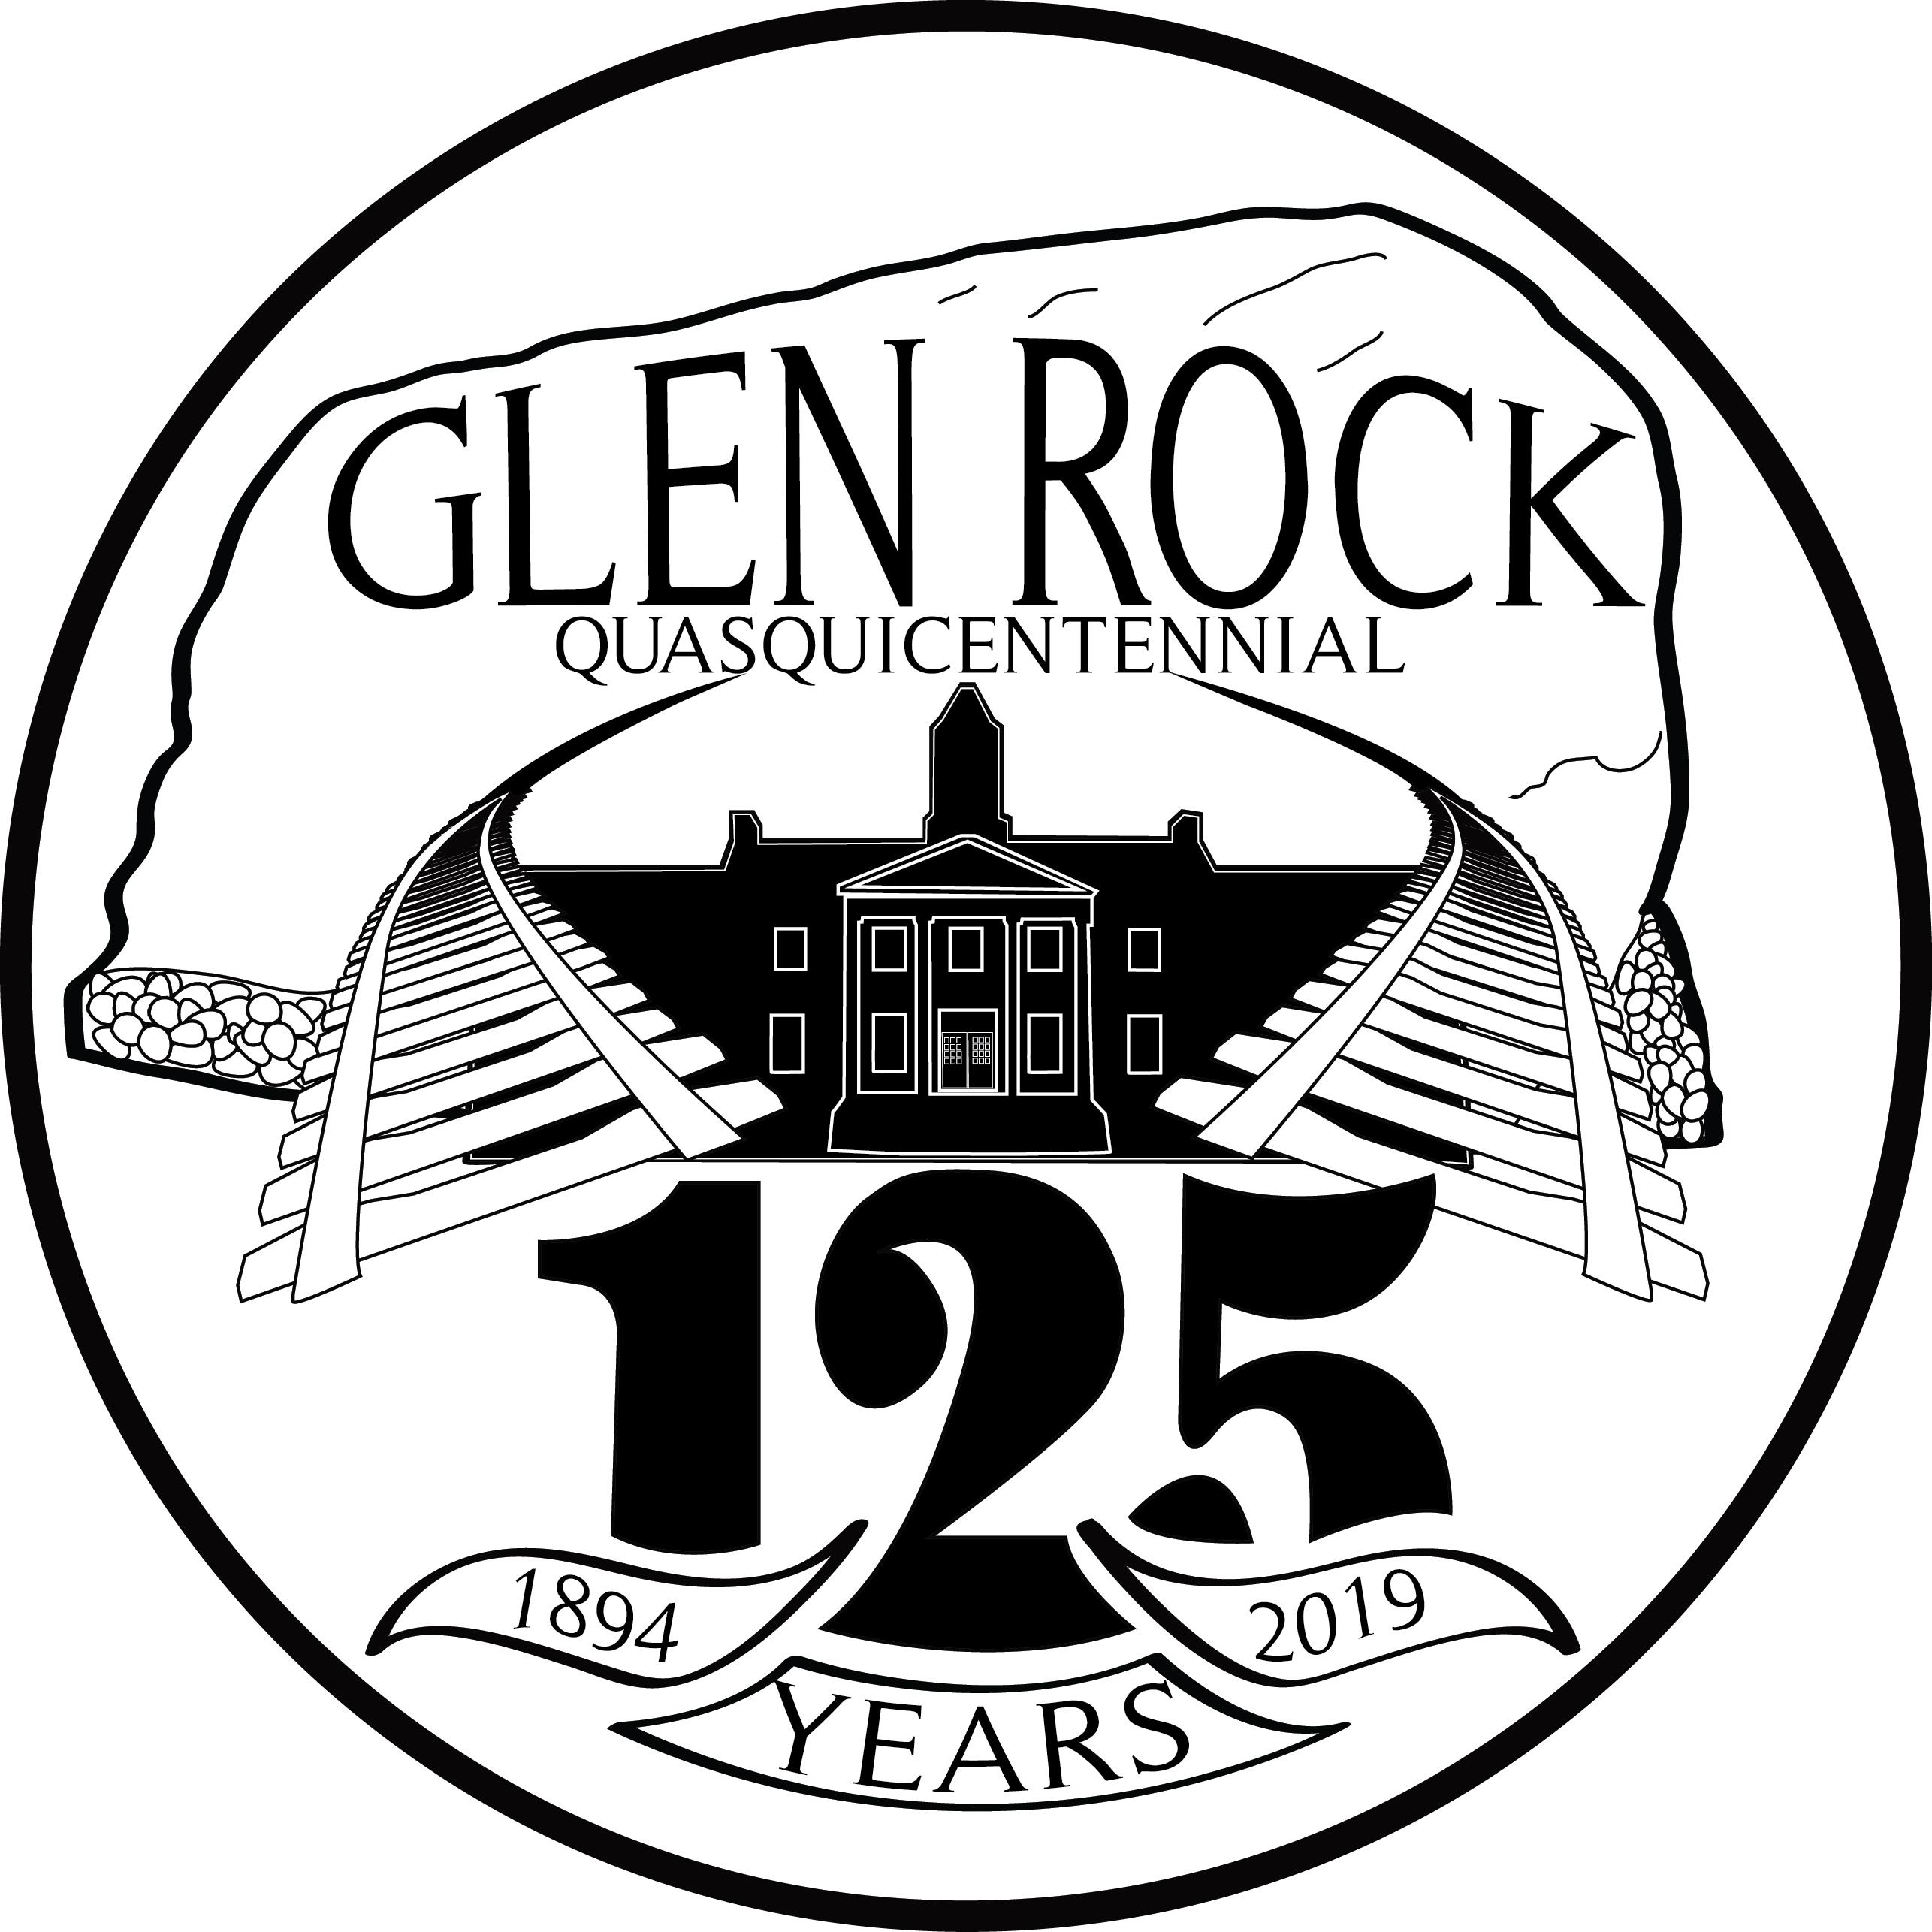 Glen Rock 125